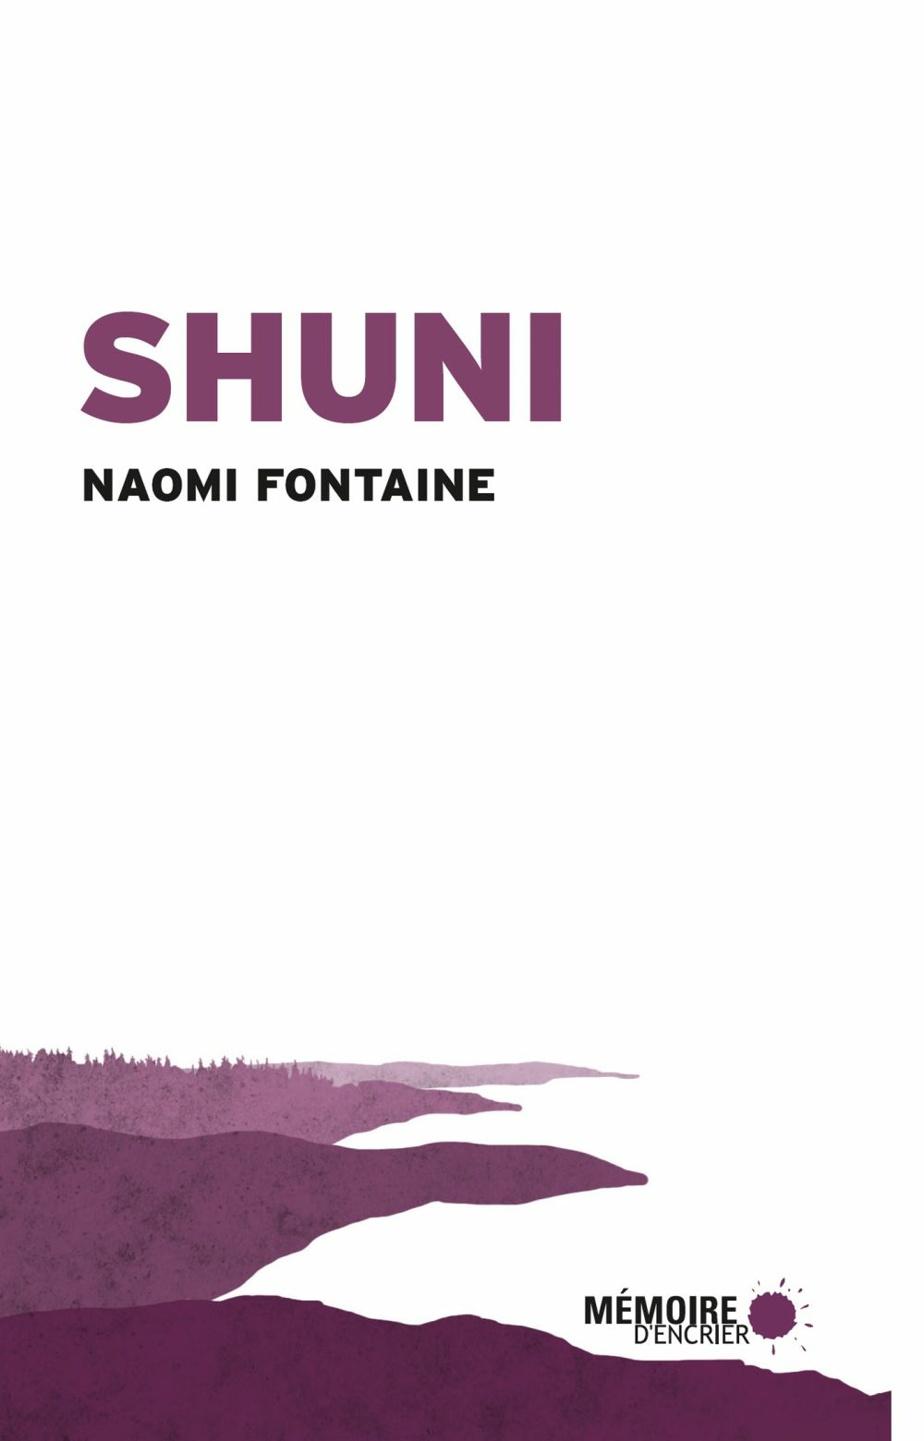 Shuni, de Naomi Fontaine (Mémoire d'encrier)